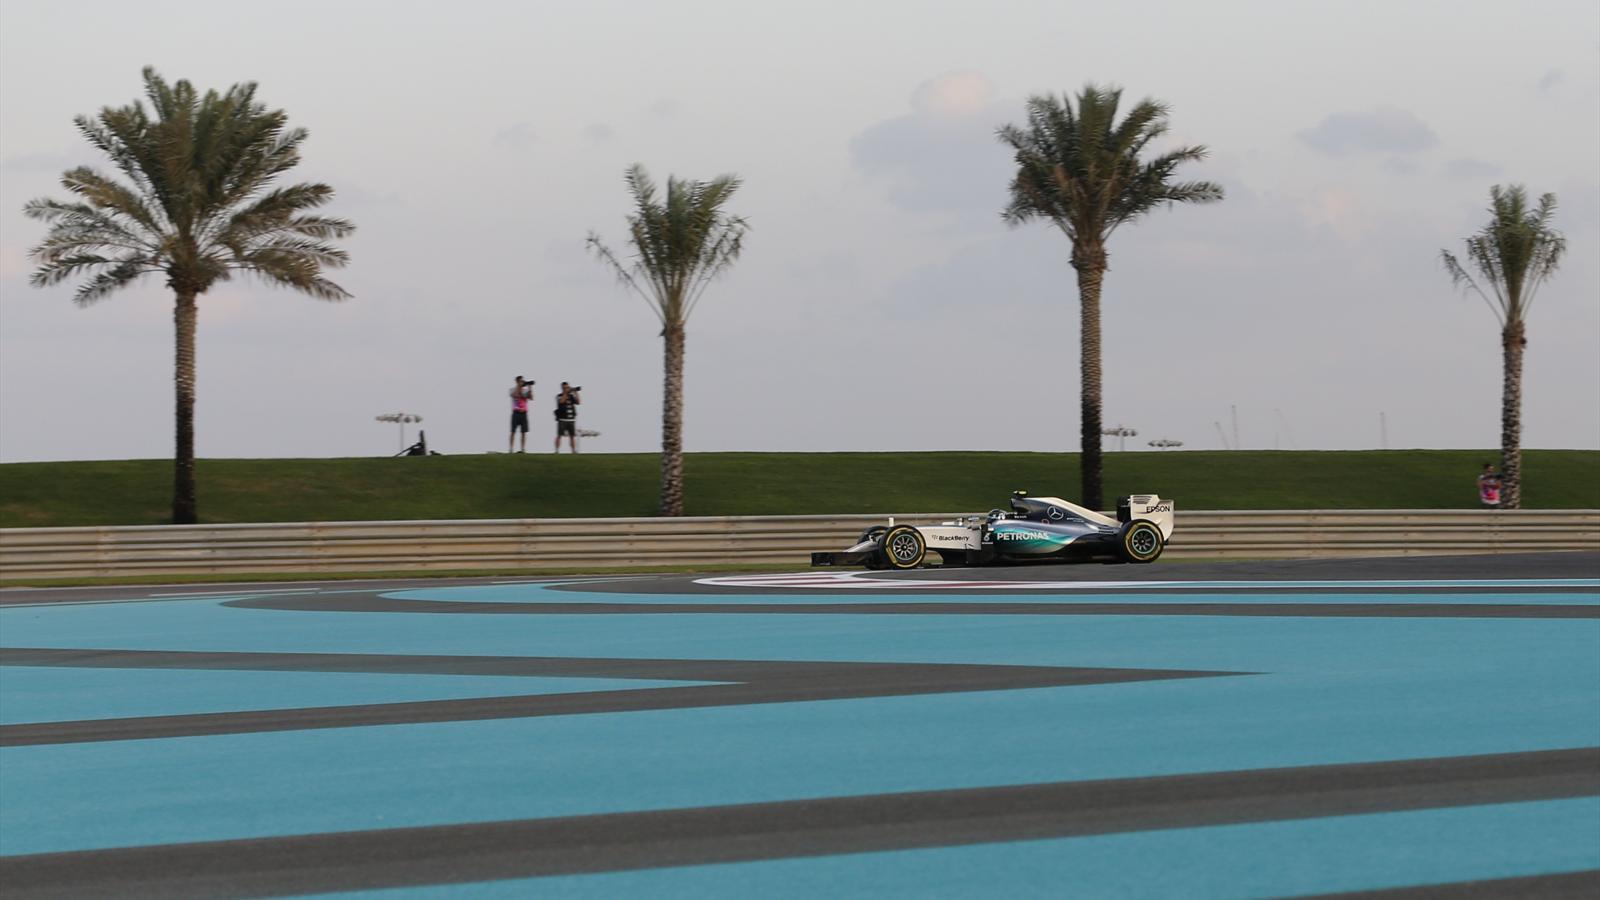 Nico Rosberg (Mercedes) a été le plus rapide des essais libres 3 du Grand Prix d'Abou Dabi 2015